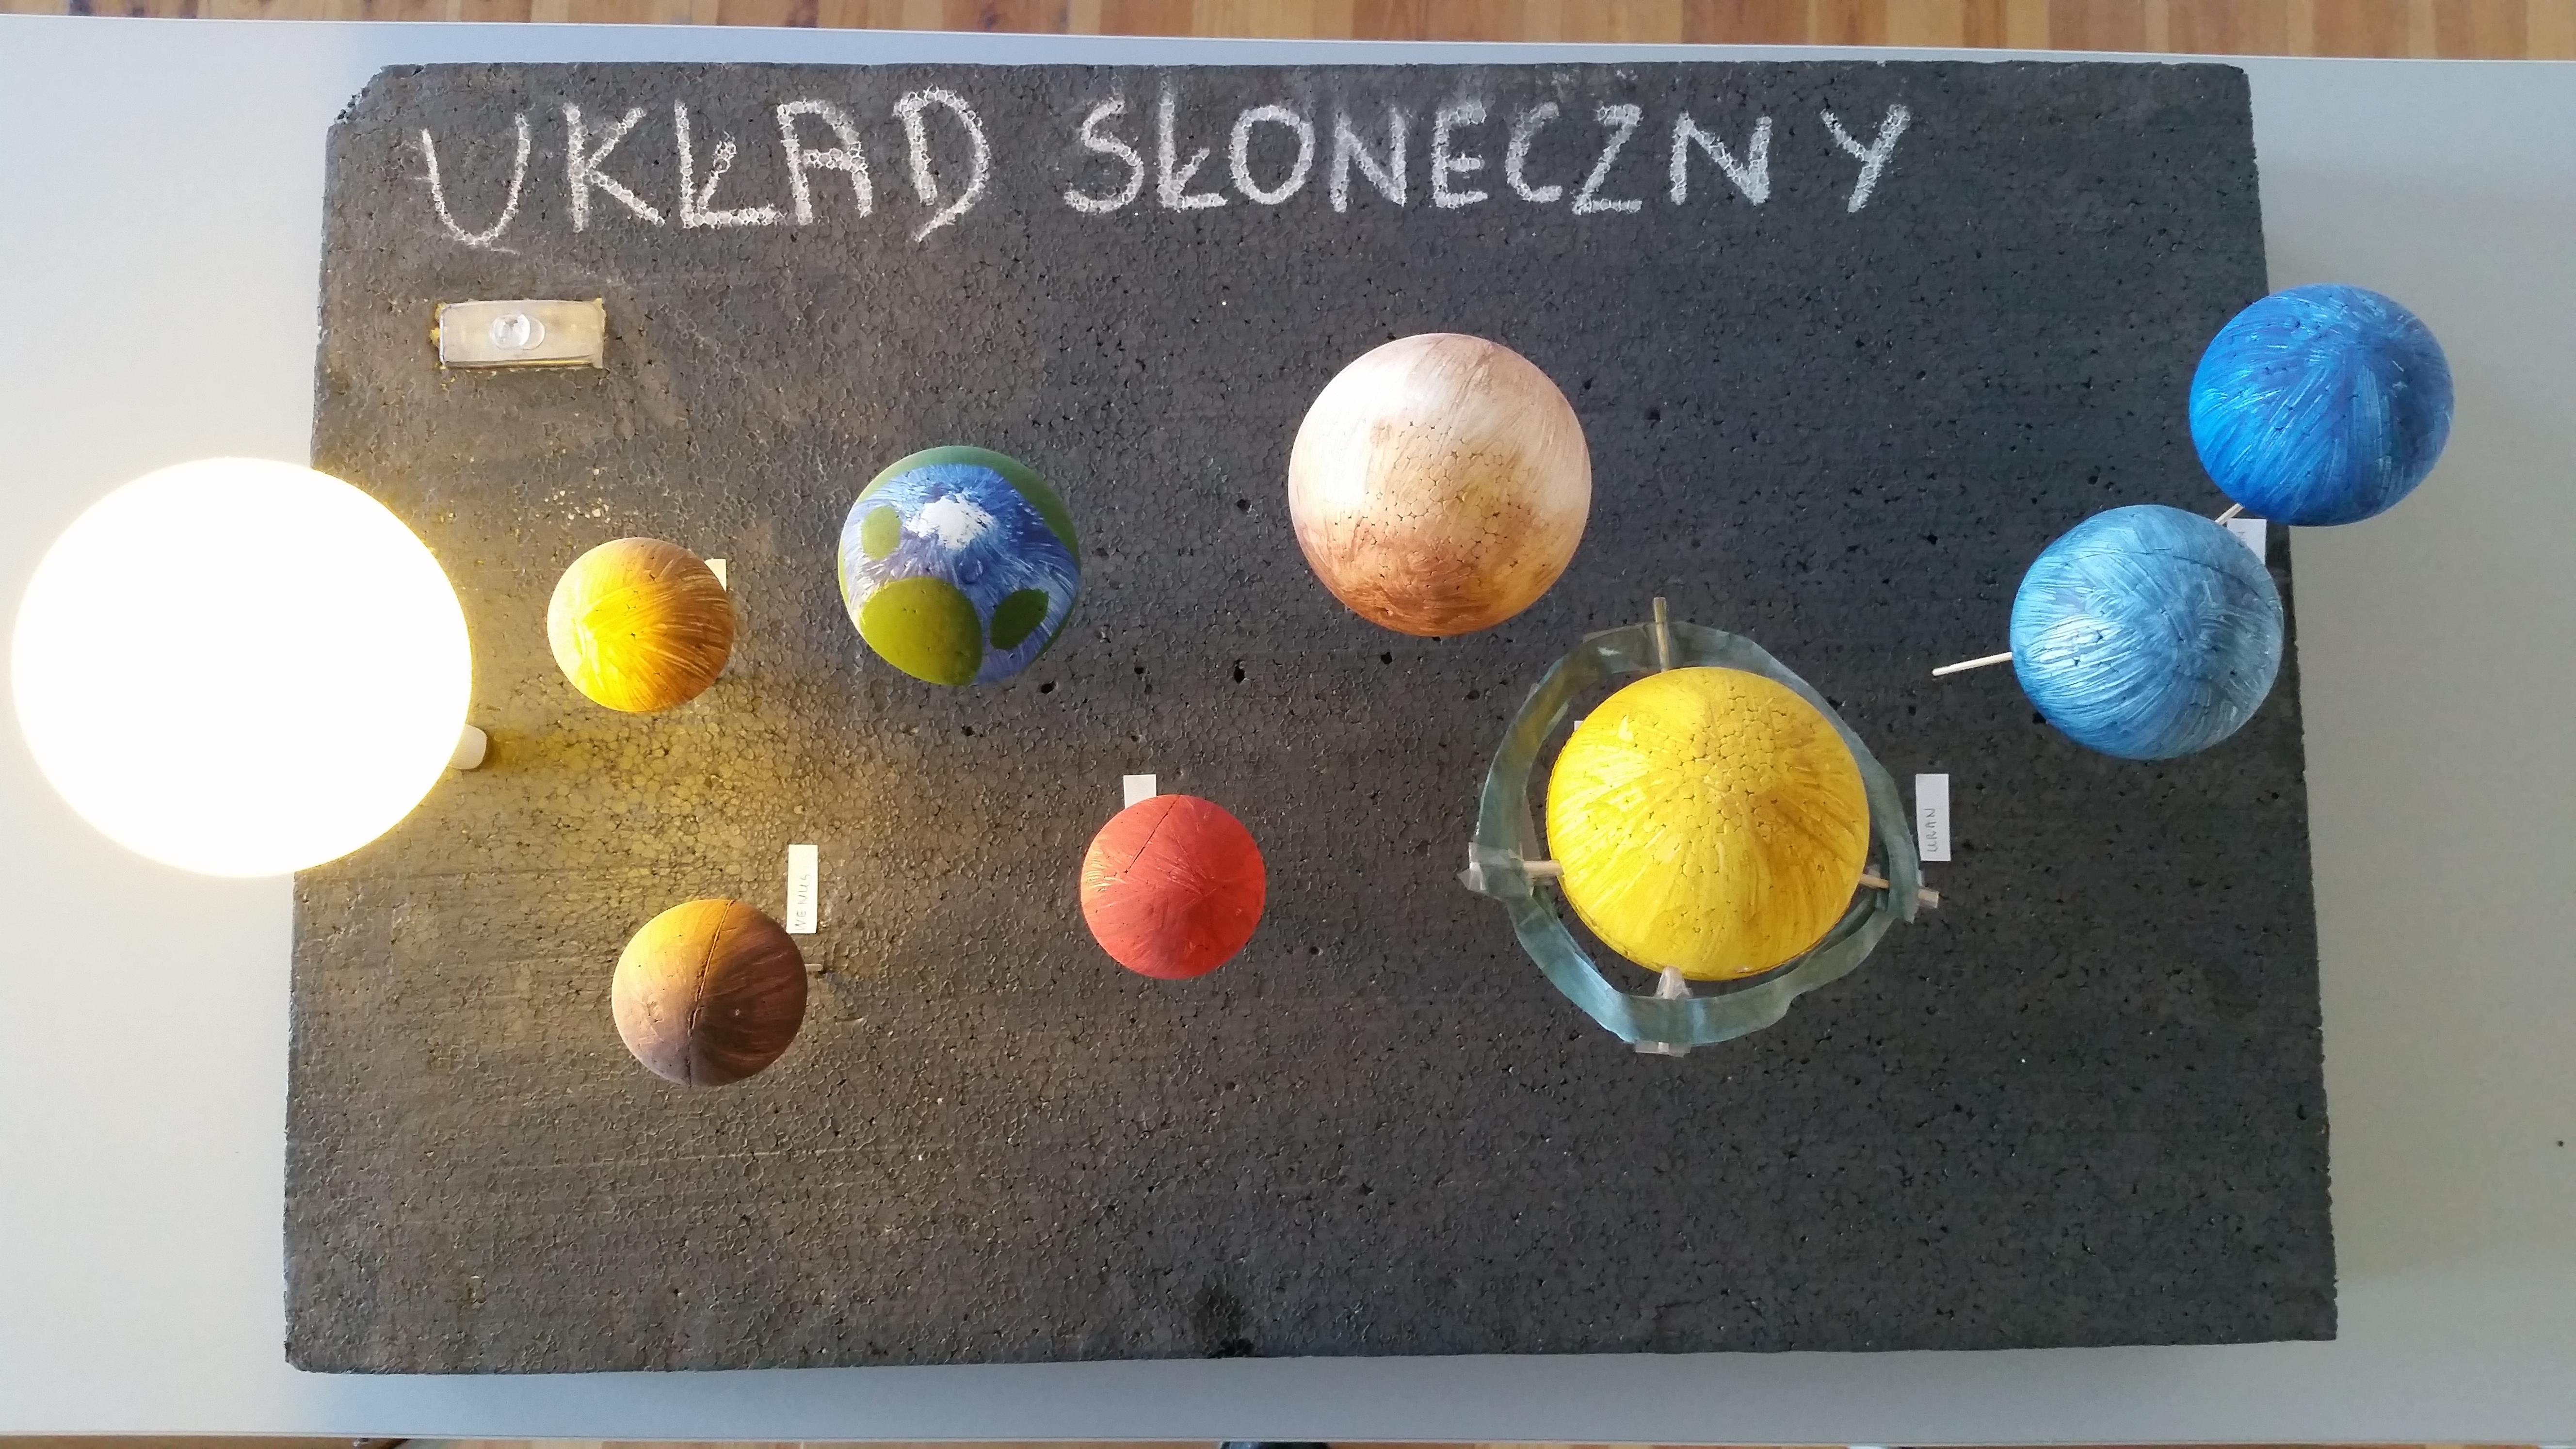 układ słoneczny.jpg